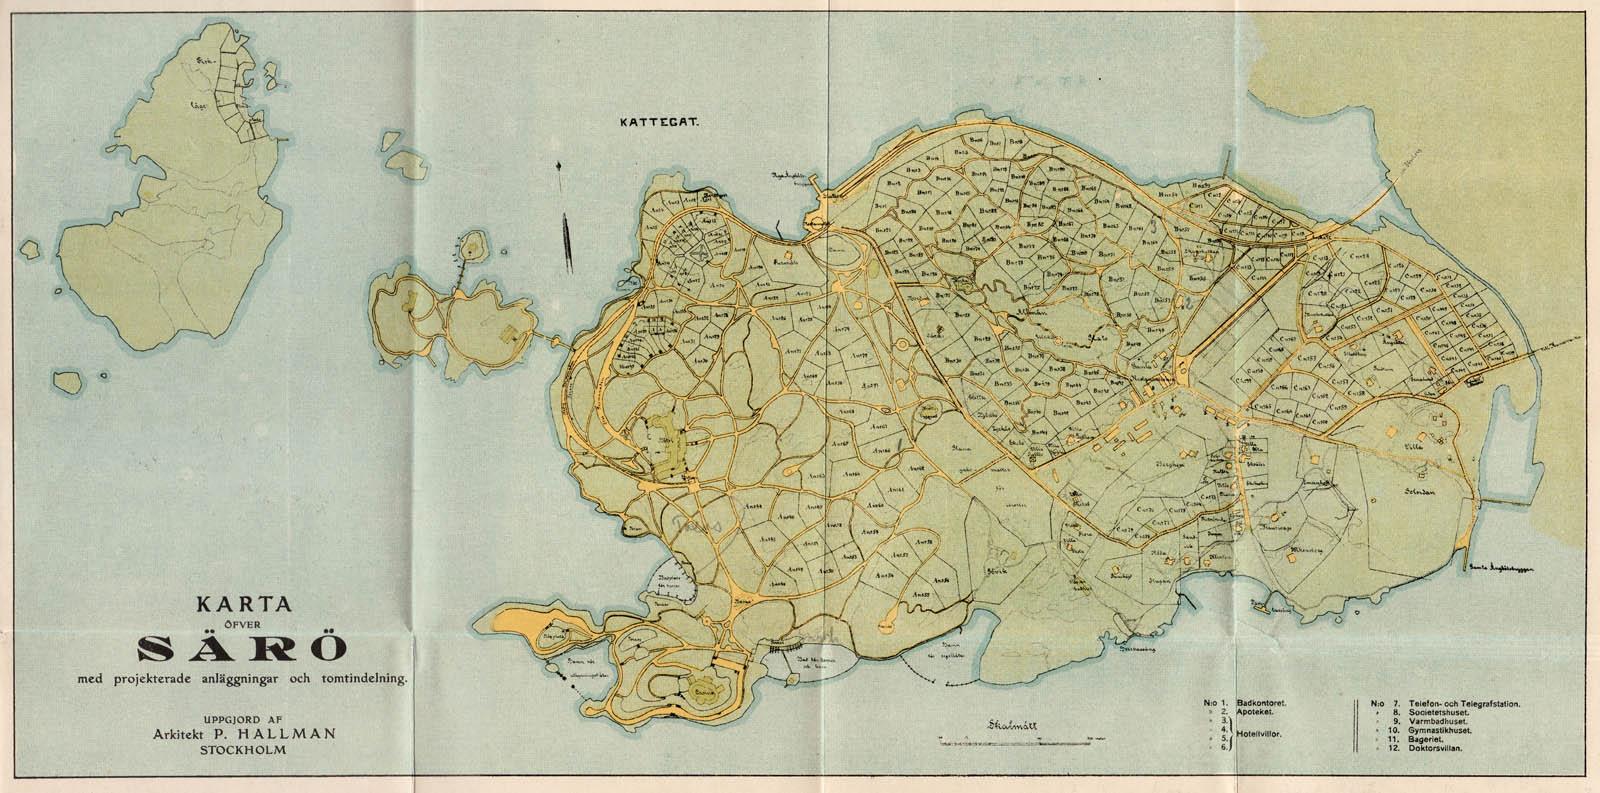 Karta av Hallman. Bild 10971.